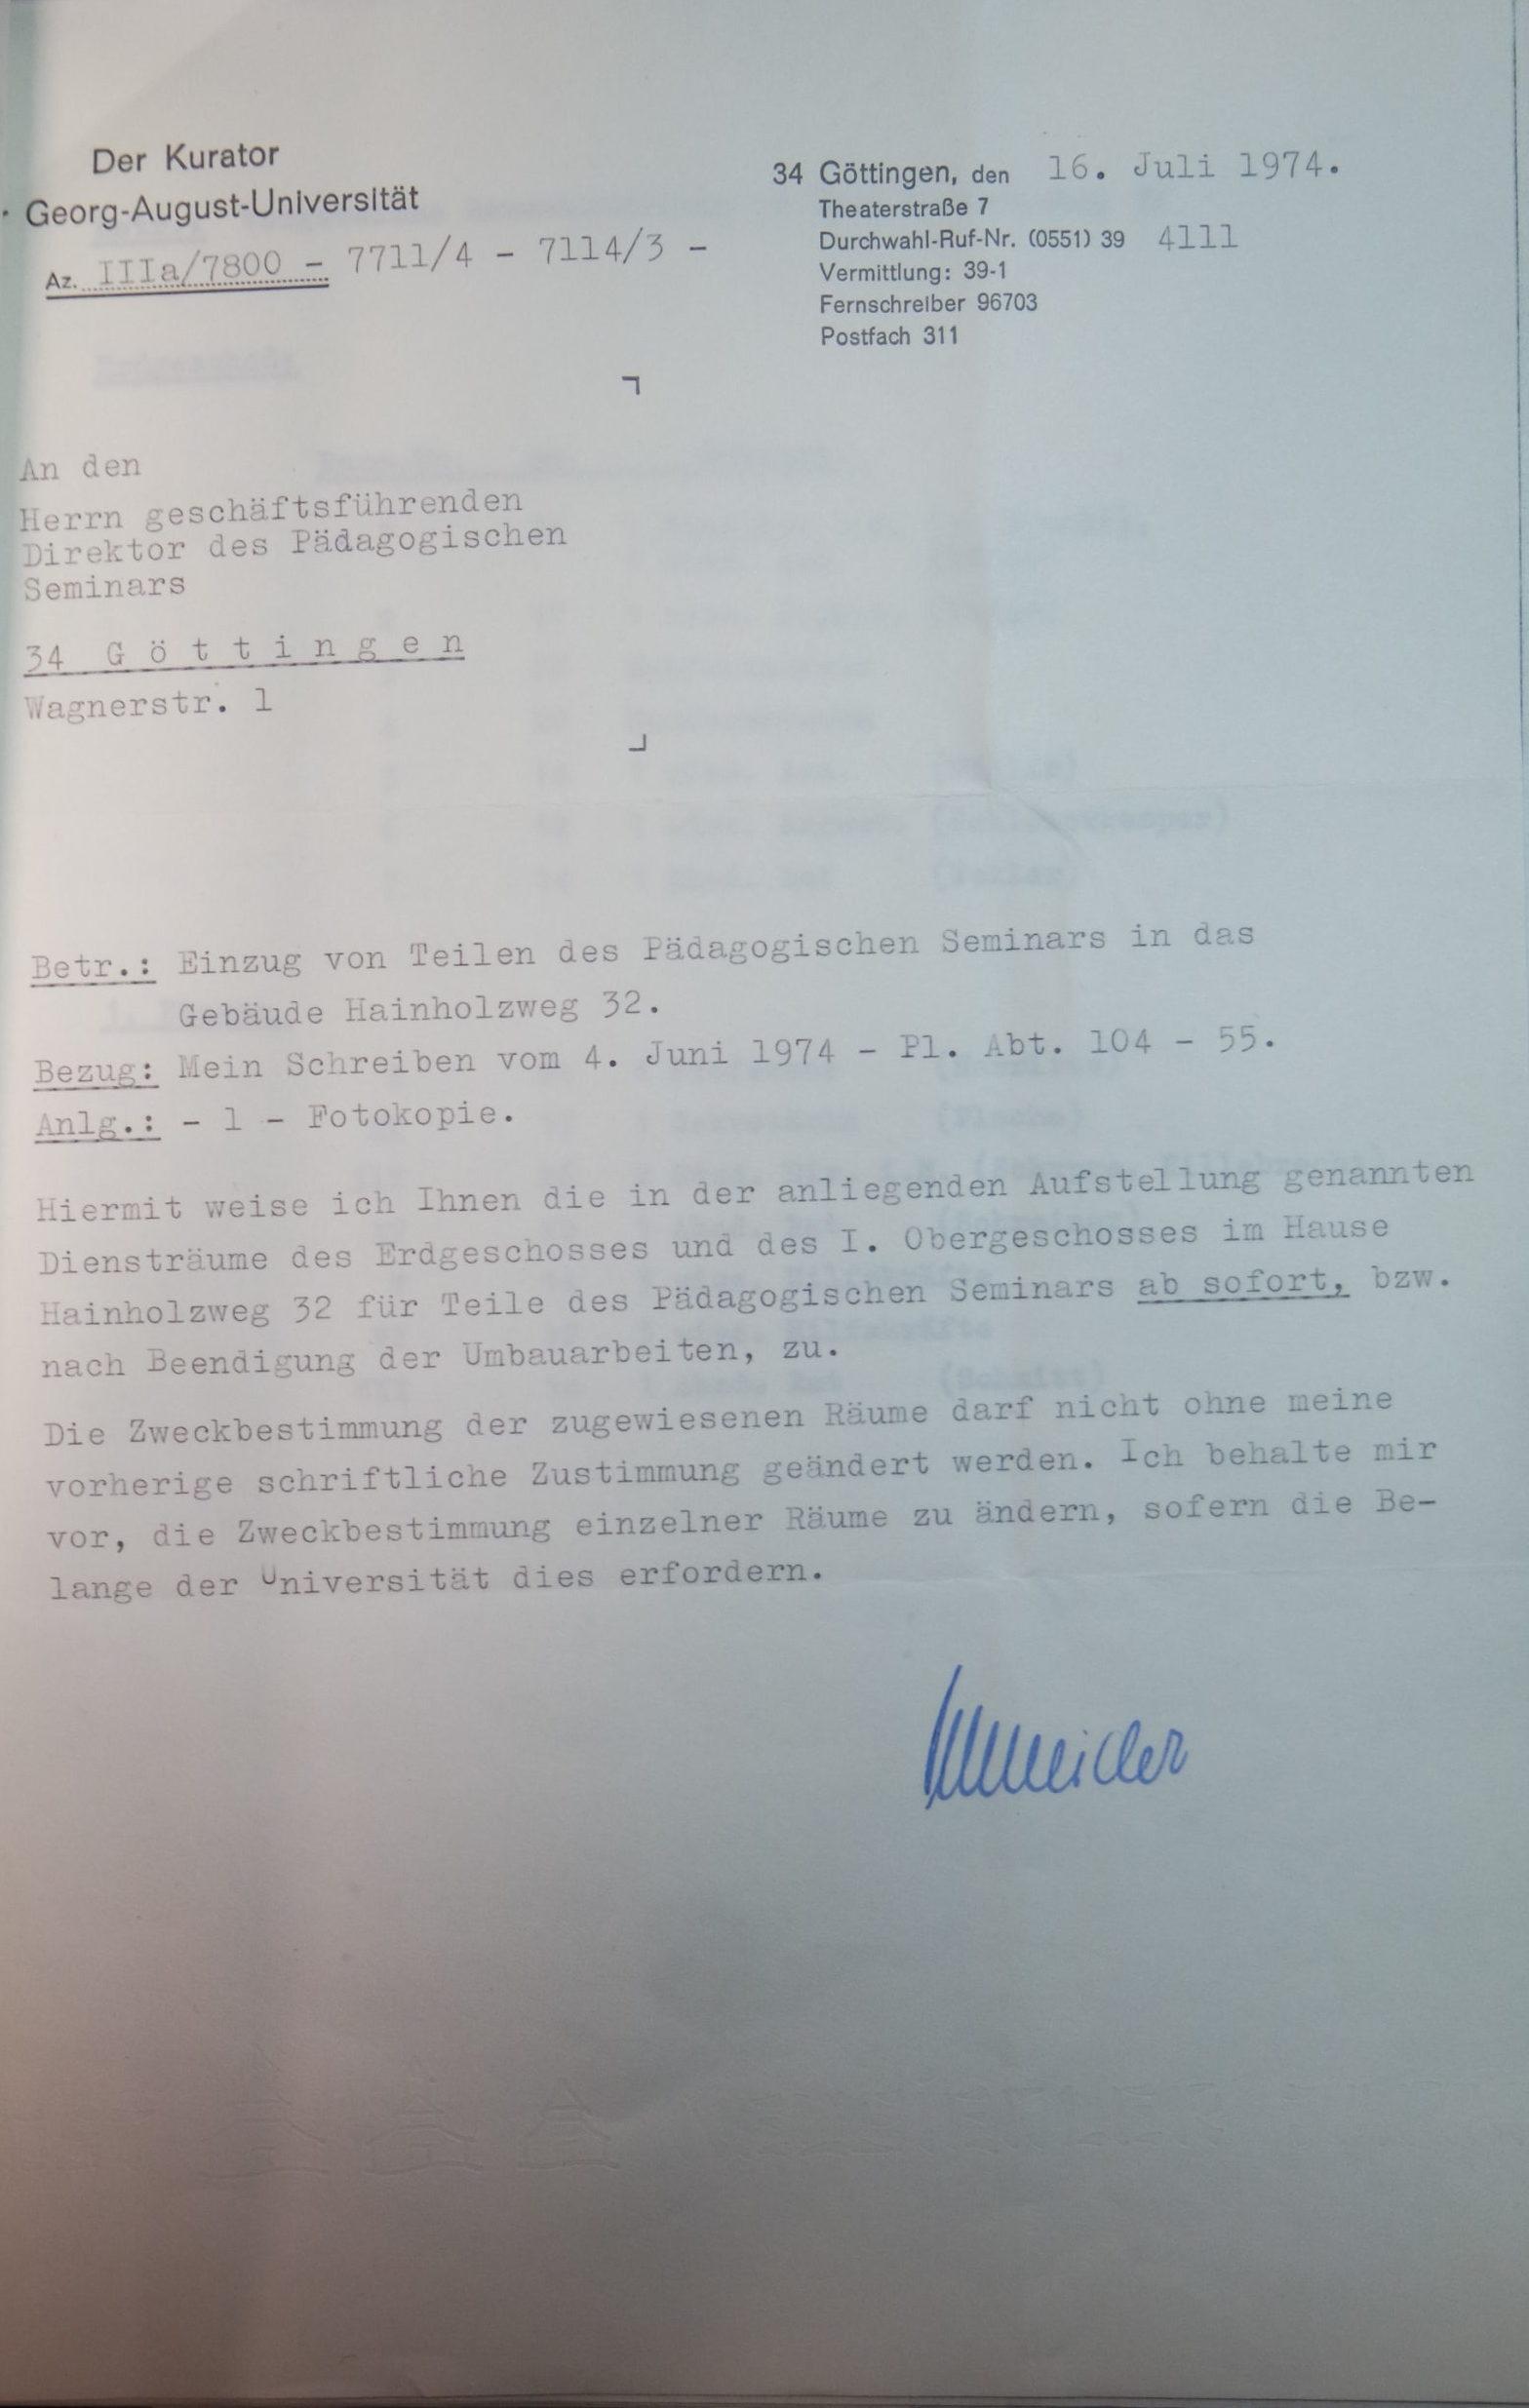 Brief des Kurators der Universität vom 16.07.1974 an den Direktor des Pädagogischen Seminars (Mollenhauer) über die Zuweisung der Räume im Hainholzweg 32 in Göttingen. Quelle: Archiv IfE: Gebäude Wagnerstraße Hainholzweg; unpag.